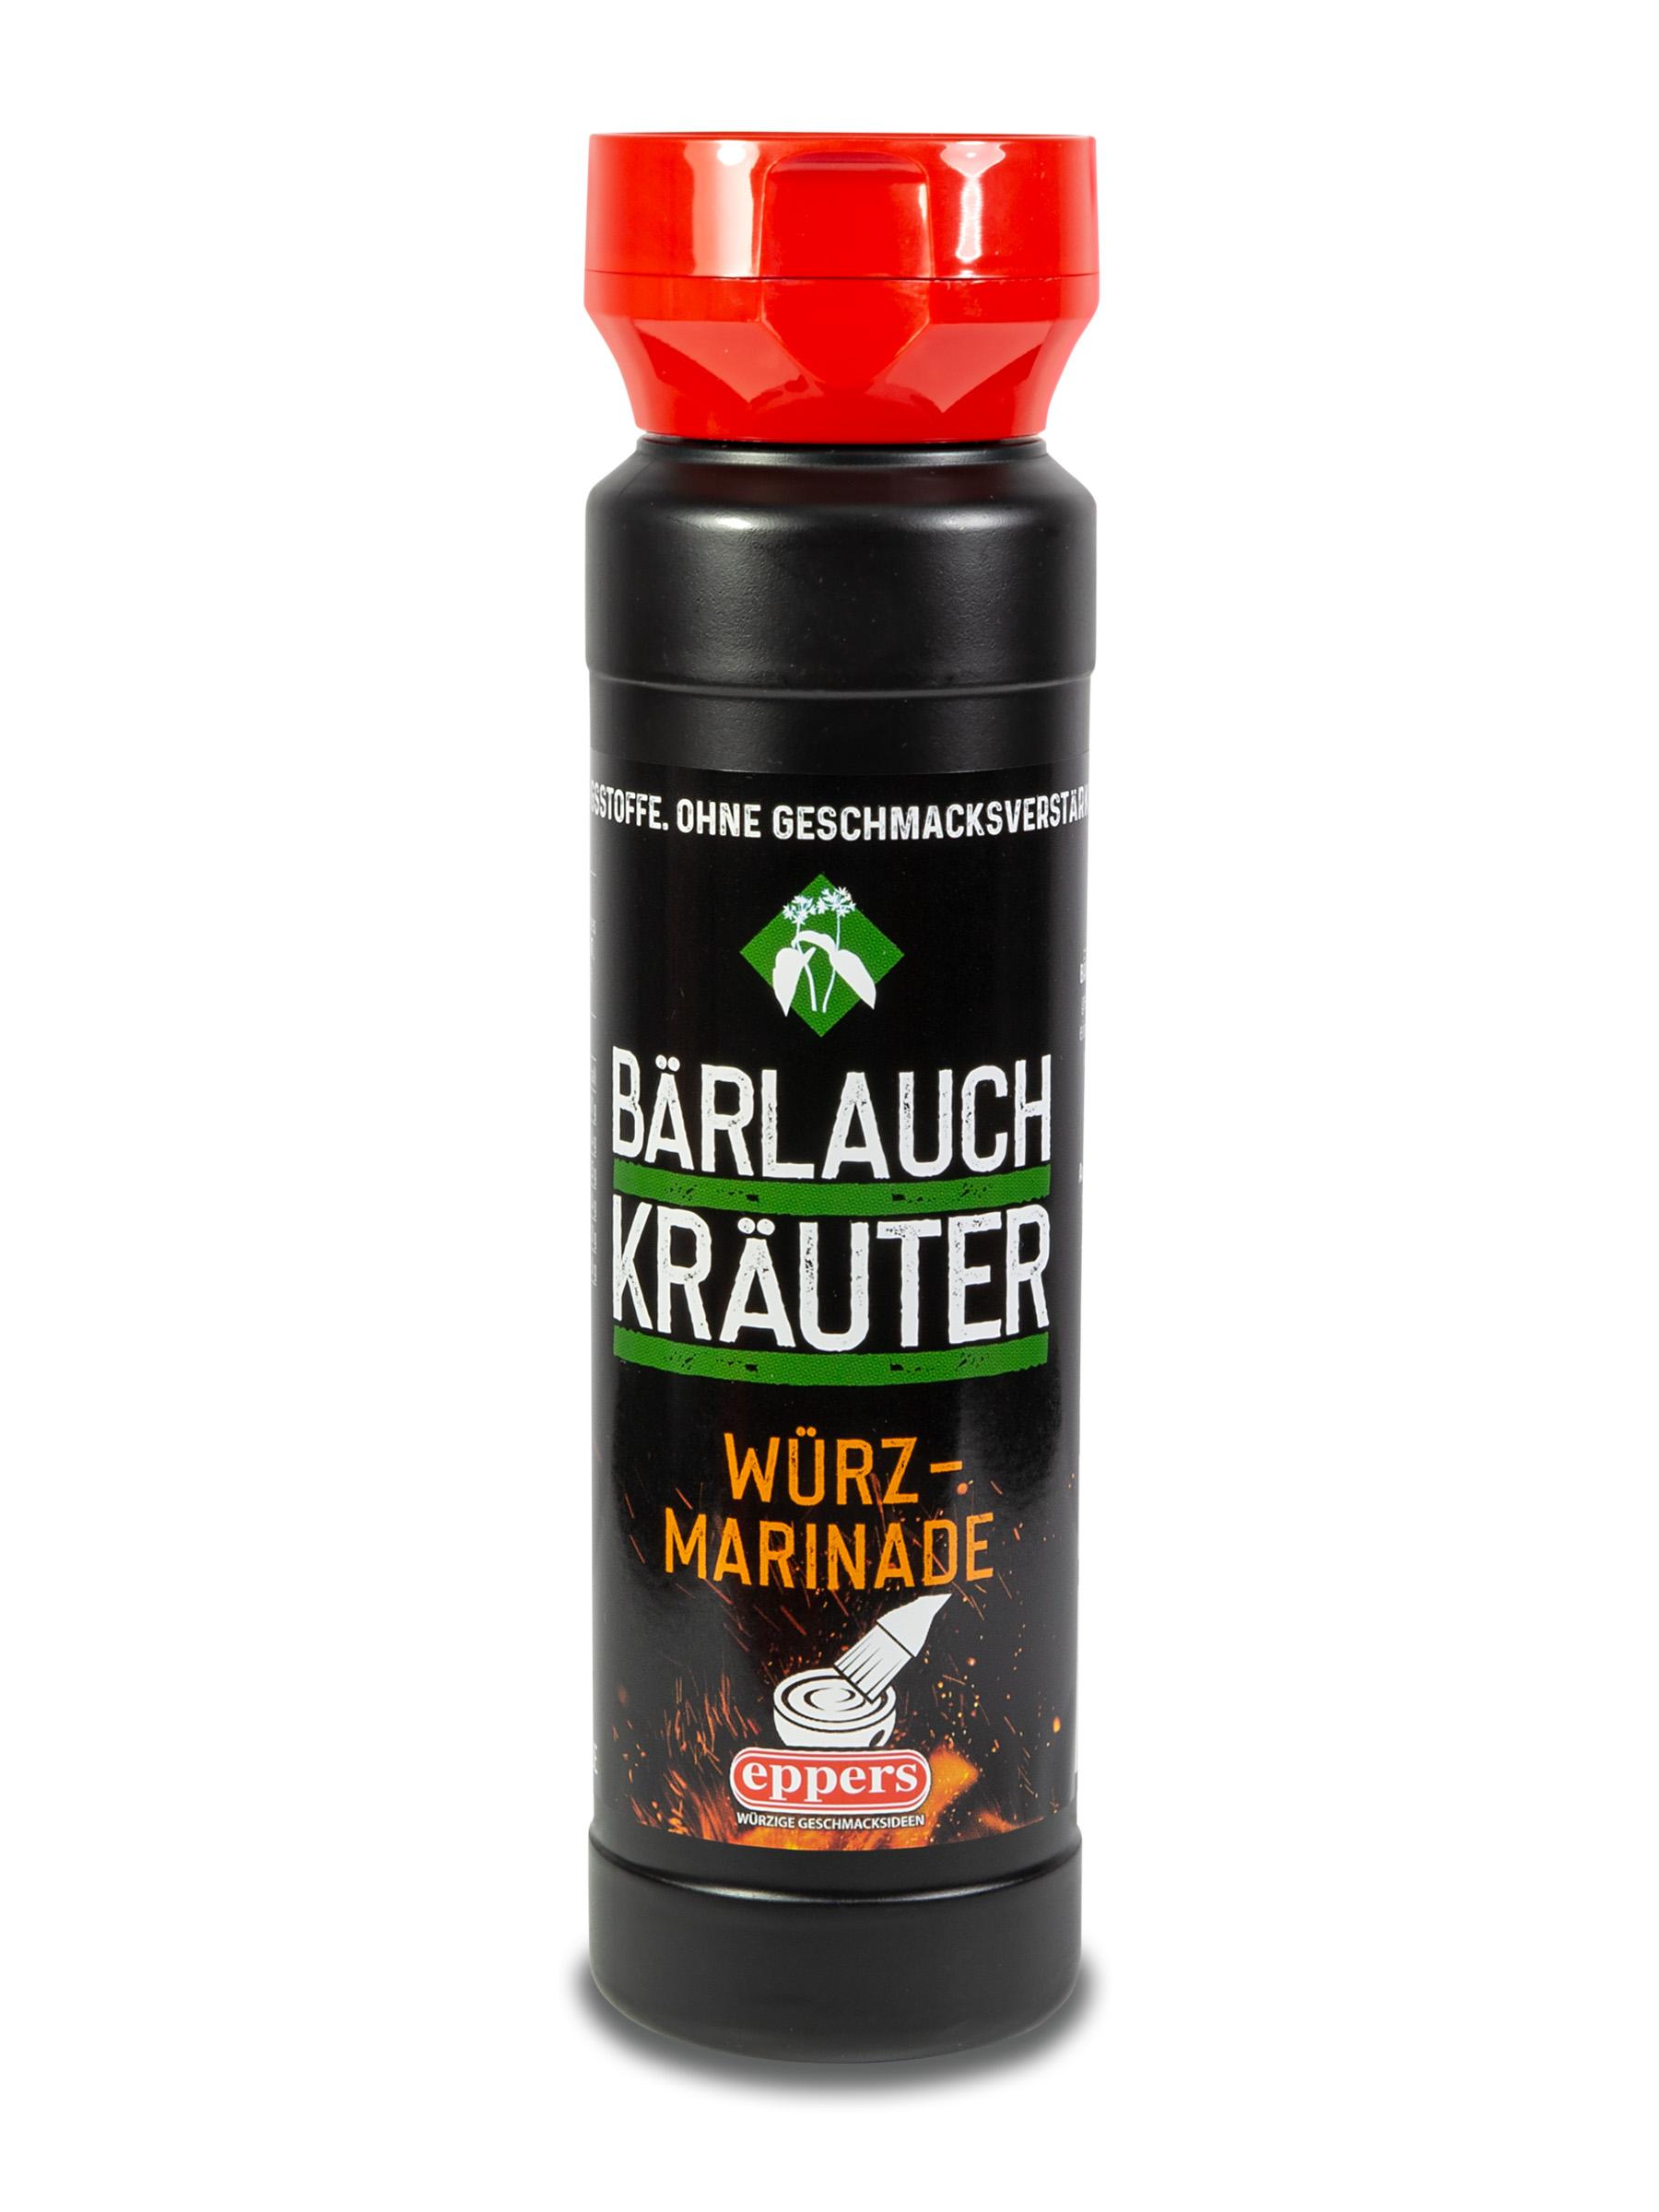 Würzmarinade Bärlauch Kräuter